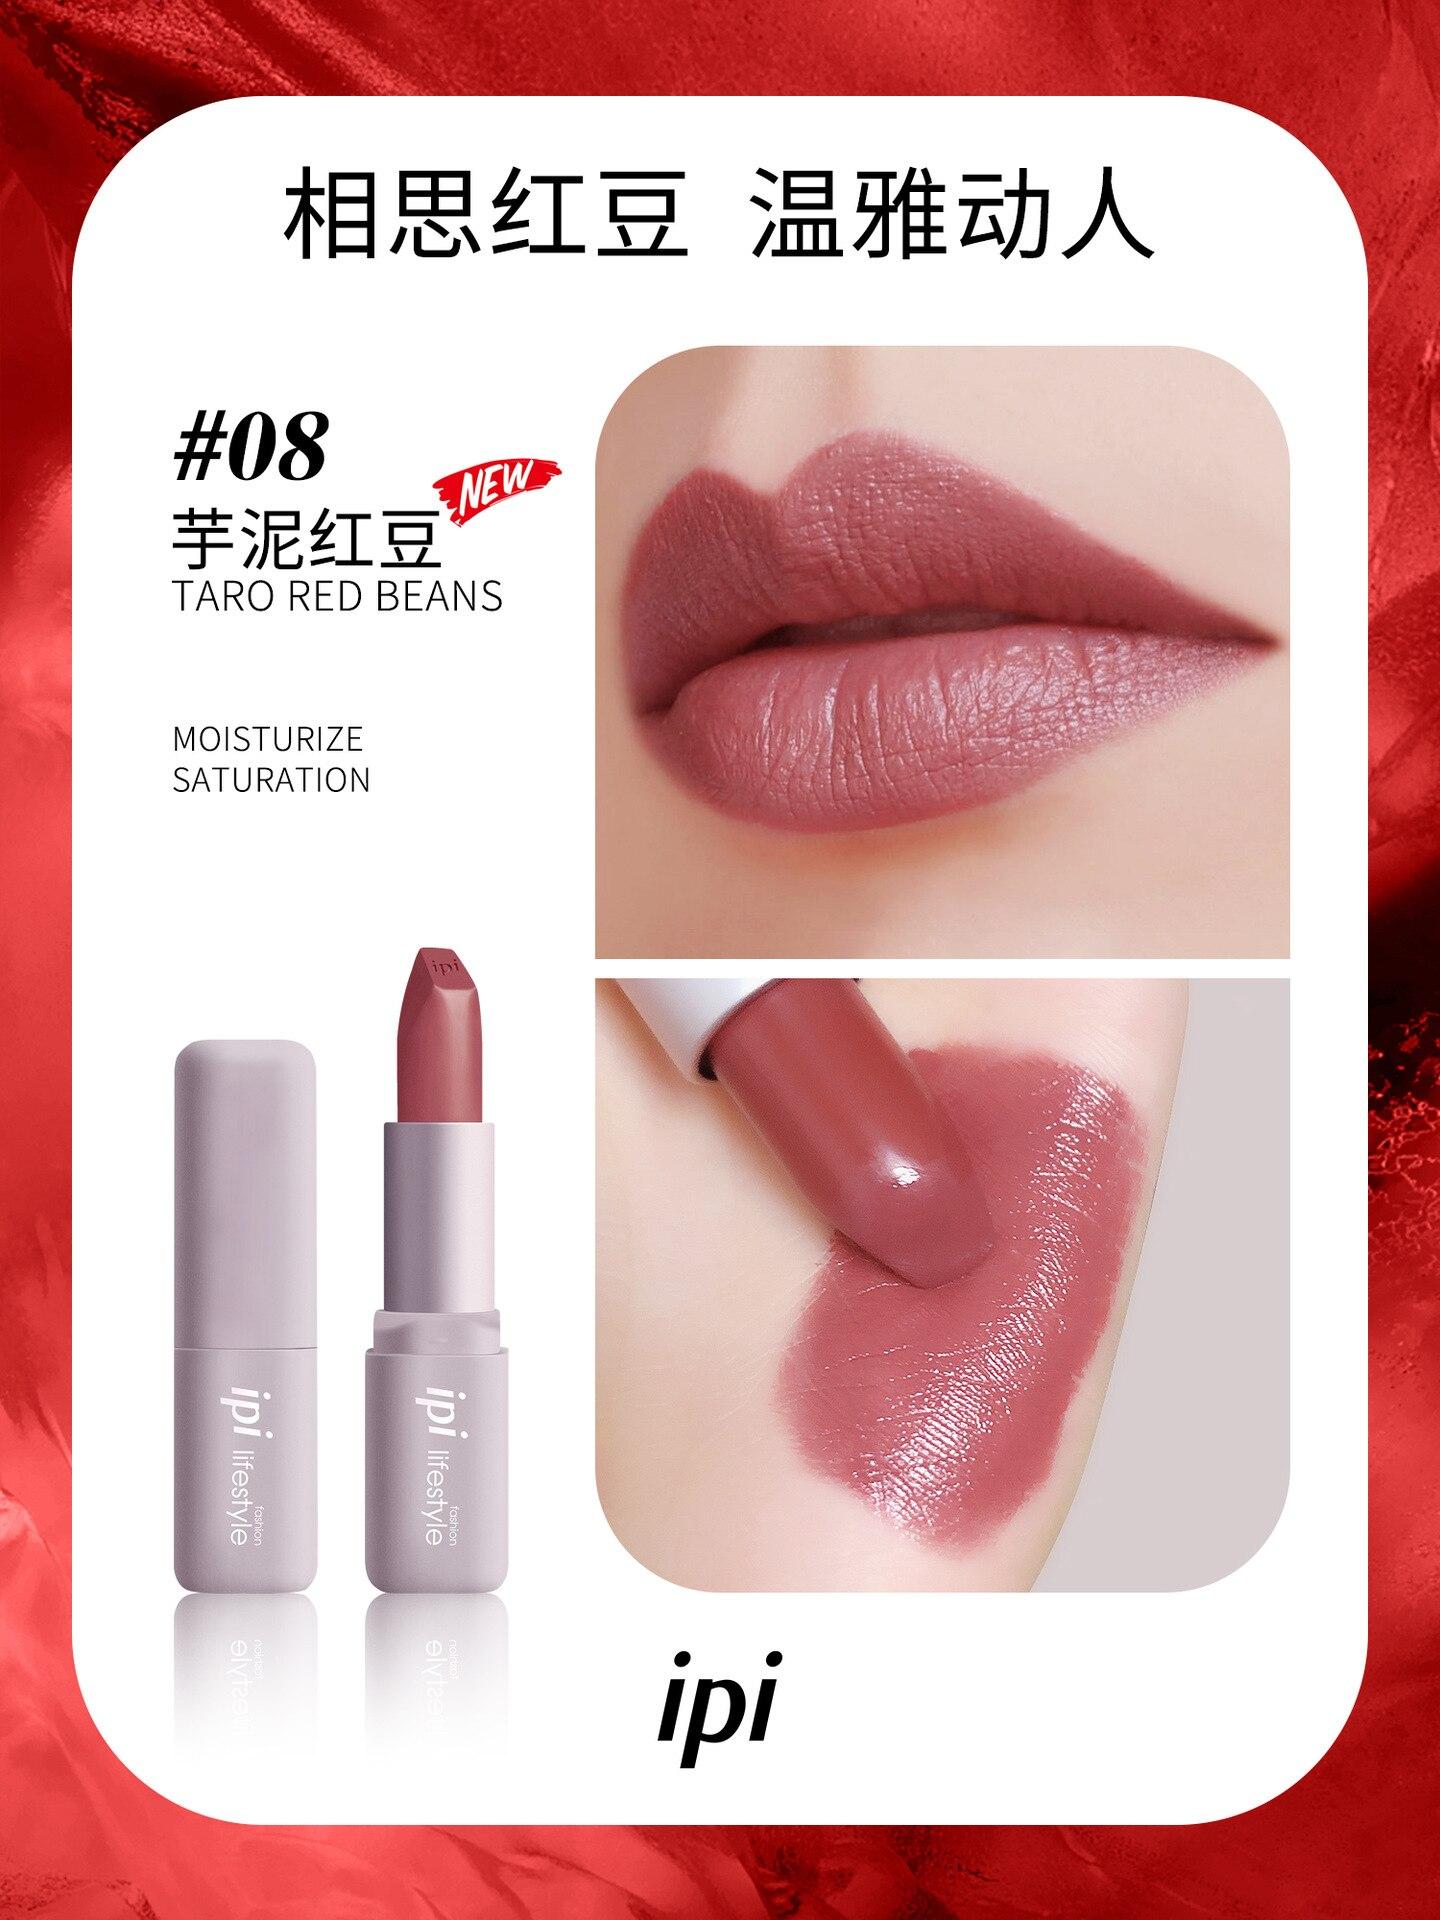 maquiagem batom de longa duração úmido rouge beleza lábios úmidos